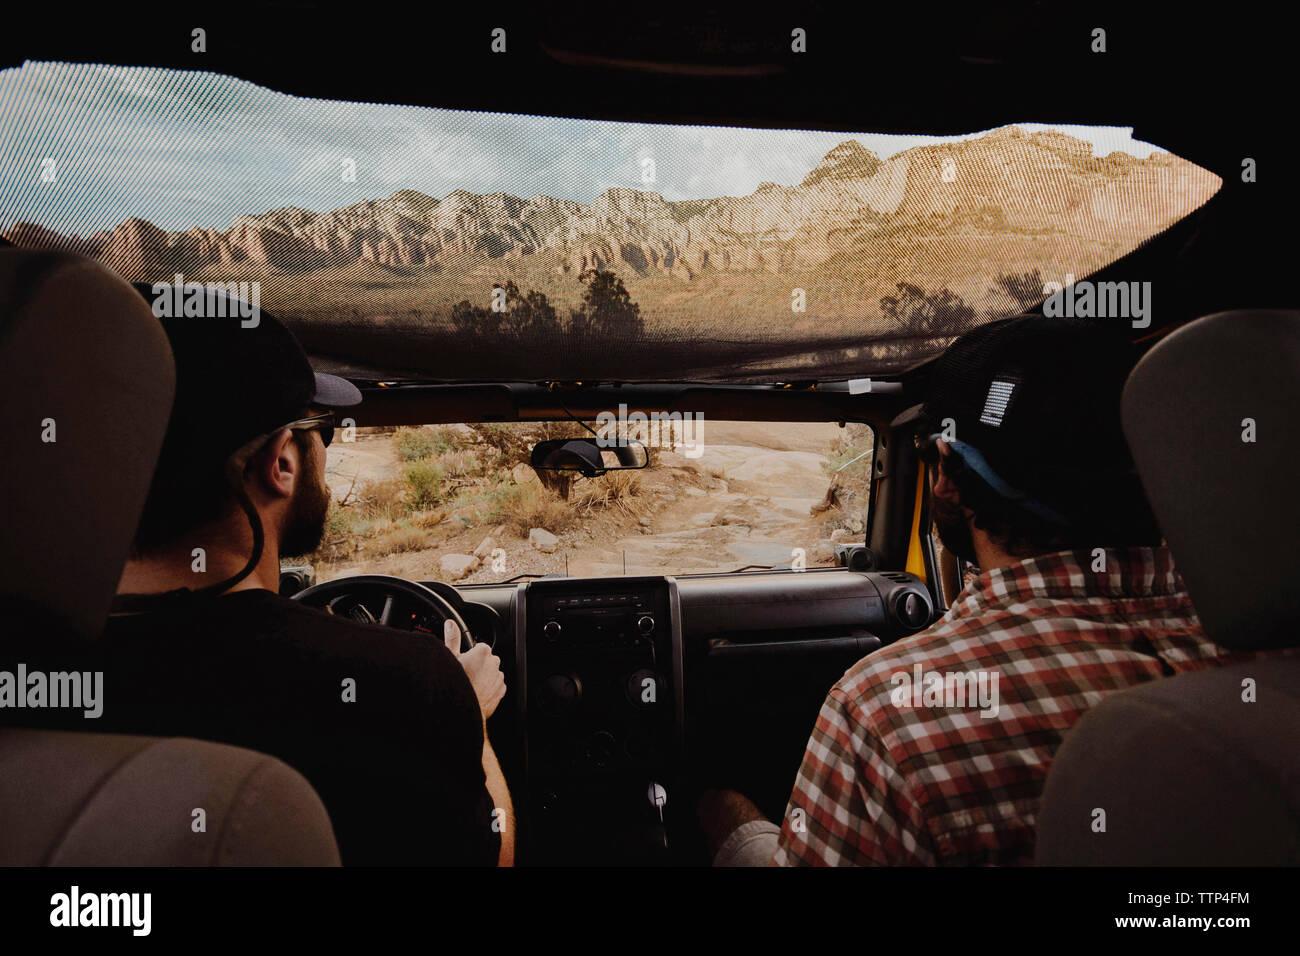 Ansicht der Rückseite des Freunden unterwegs in Geländewagen auf unbefestigte Straße Stockbild